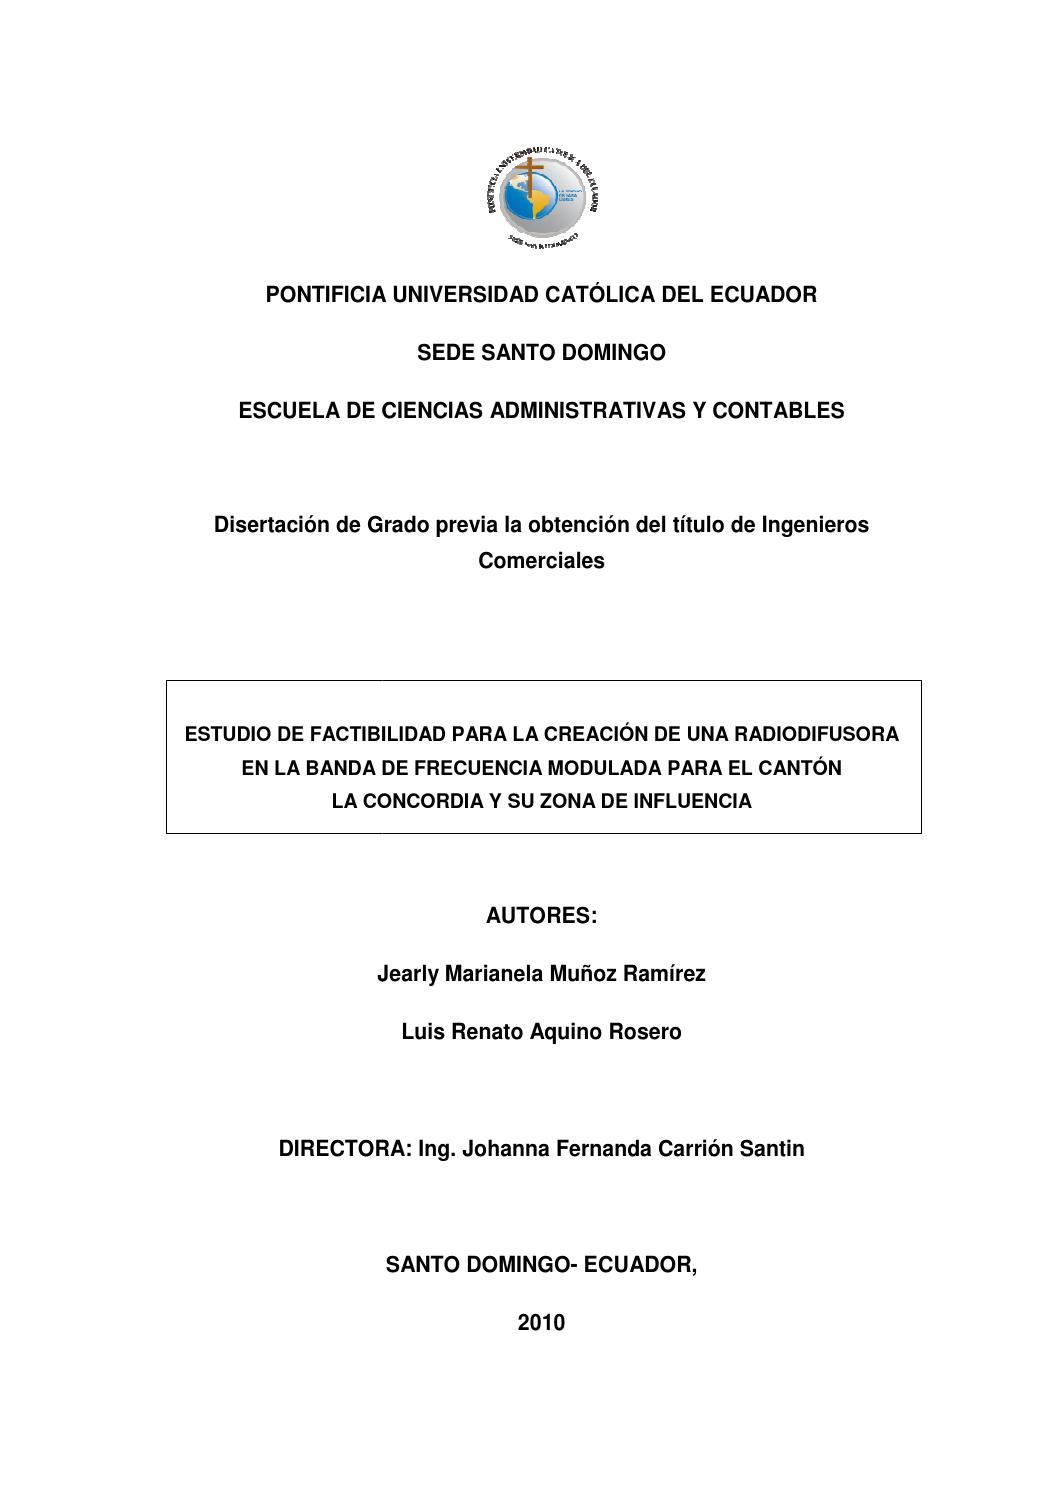 Creacion De Una Radiodifusora Para El Canton La Concordia Y Su Zona De Influencia By Pontificia Universidad Catolica Del Ecuador Sede Santo Domingo Puce Sd Issuu